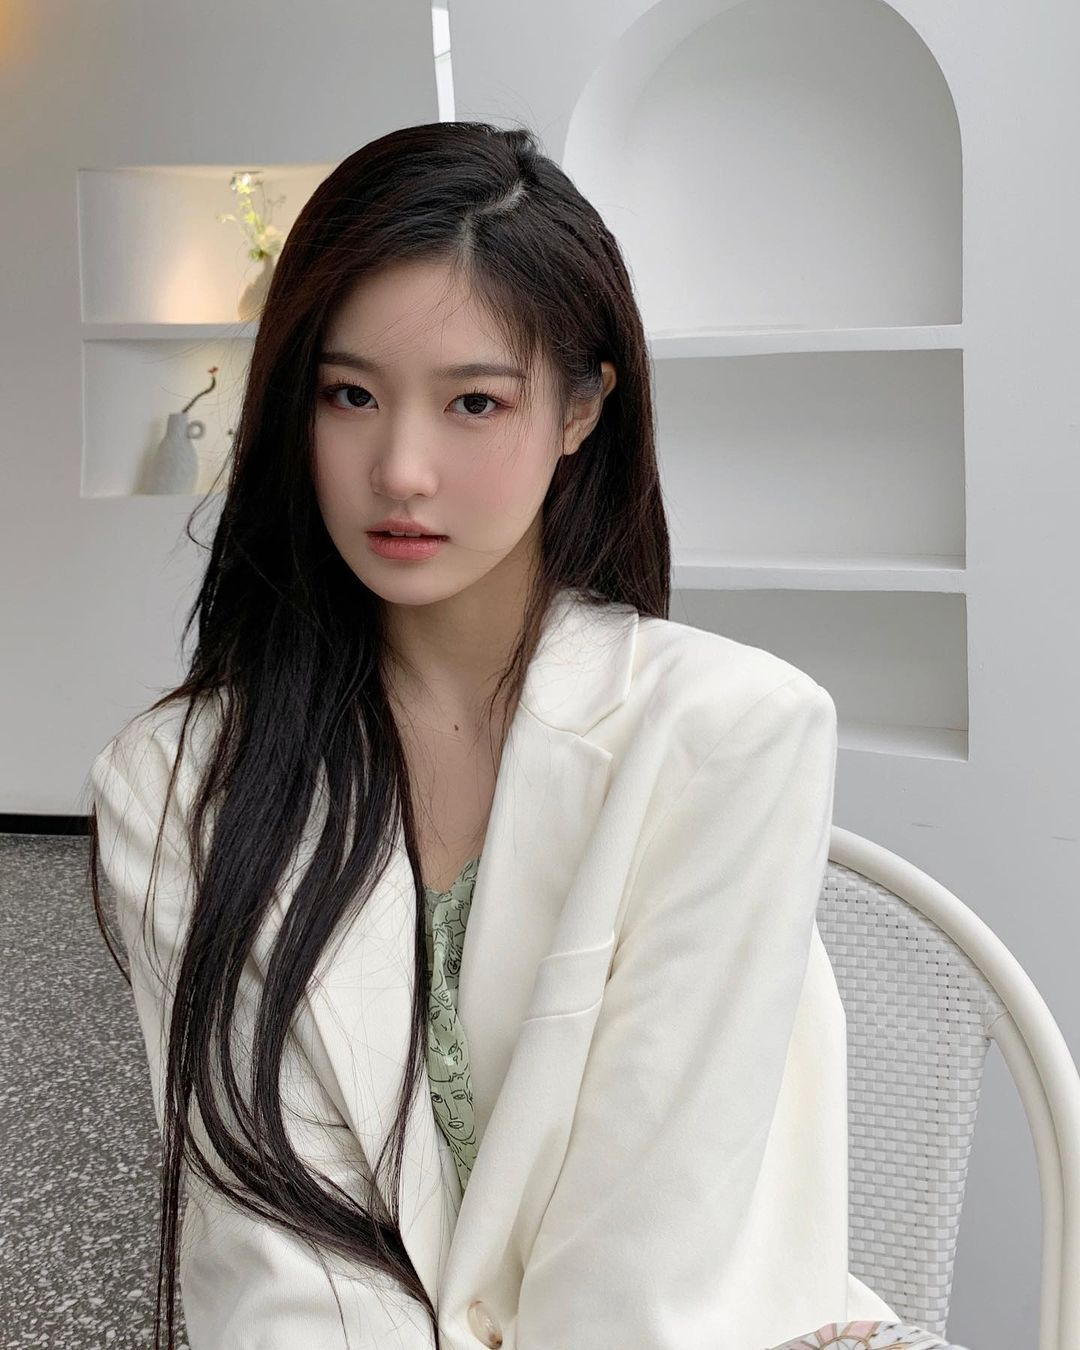 她是刘亦菲+全智贤的结合体 颜值太惊艳了 林真